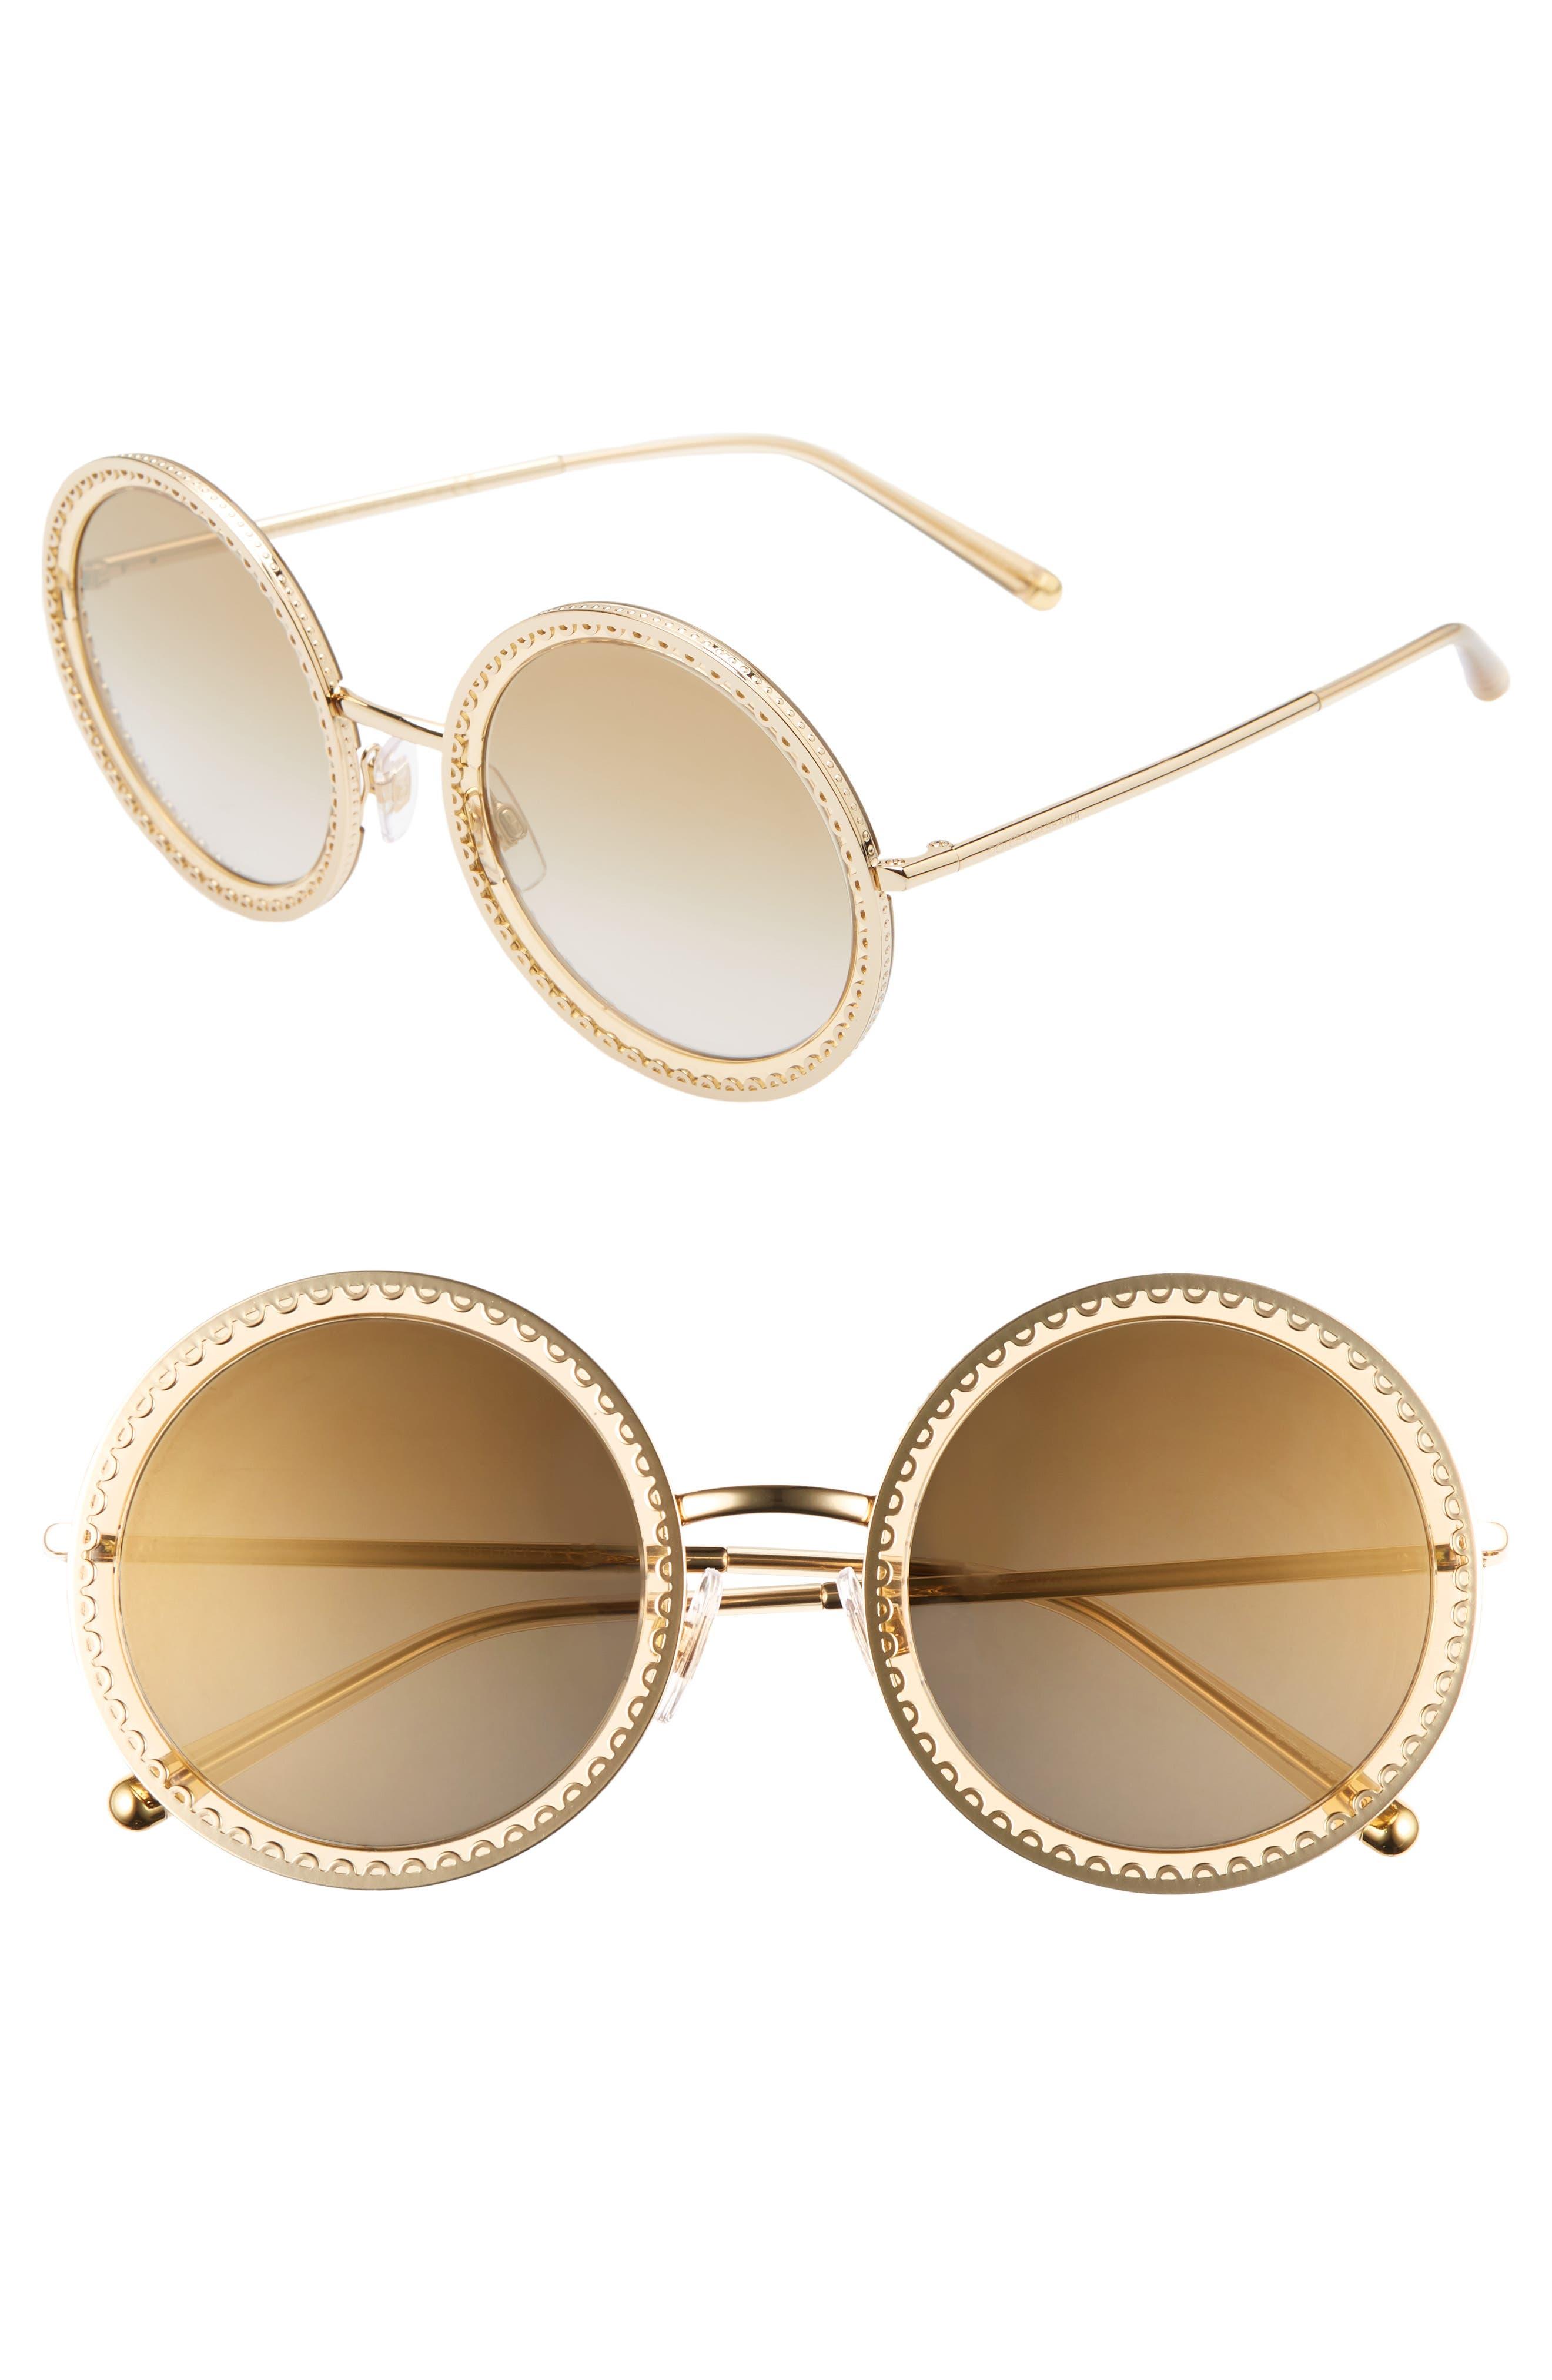 Dolce & gabbana Sacred Heart 5m Gradient Round Sunglasses - Gold Brown Gradient Mirror